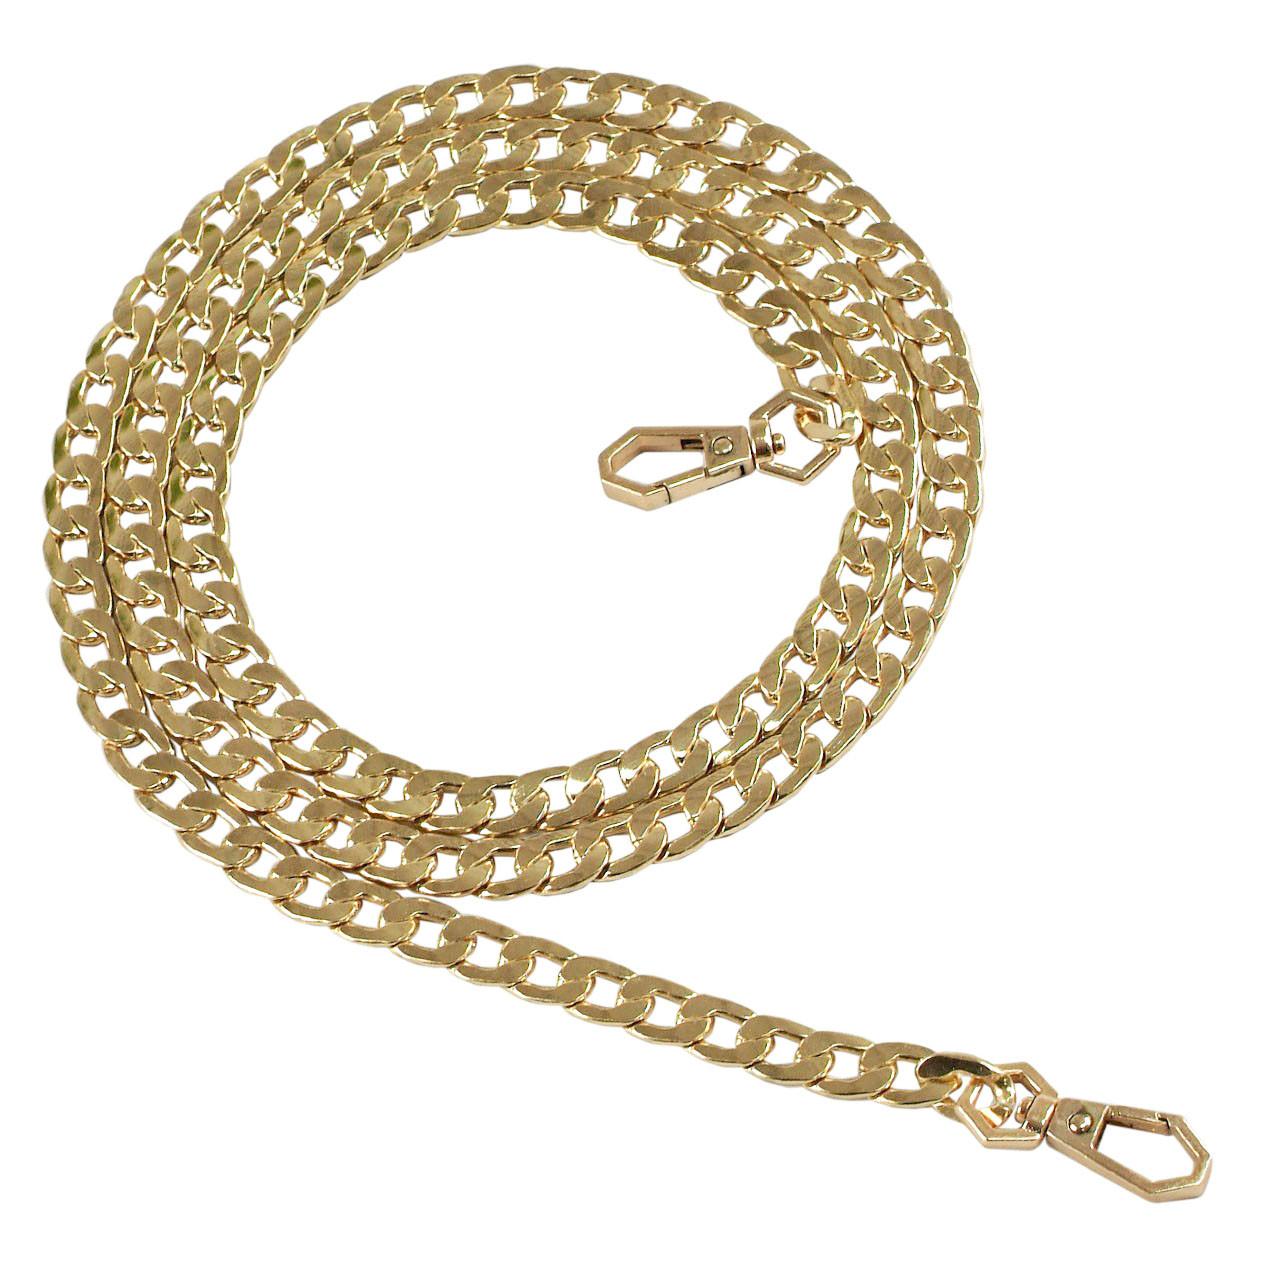 Цепь якорная плоская 120 см (10 мм ширина звена) золото, поворотный карабин граненый